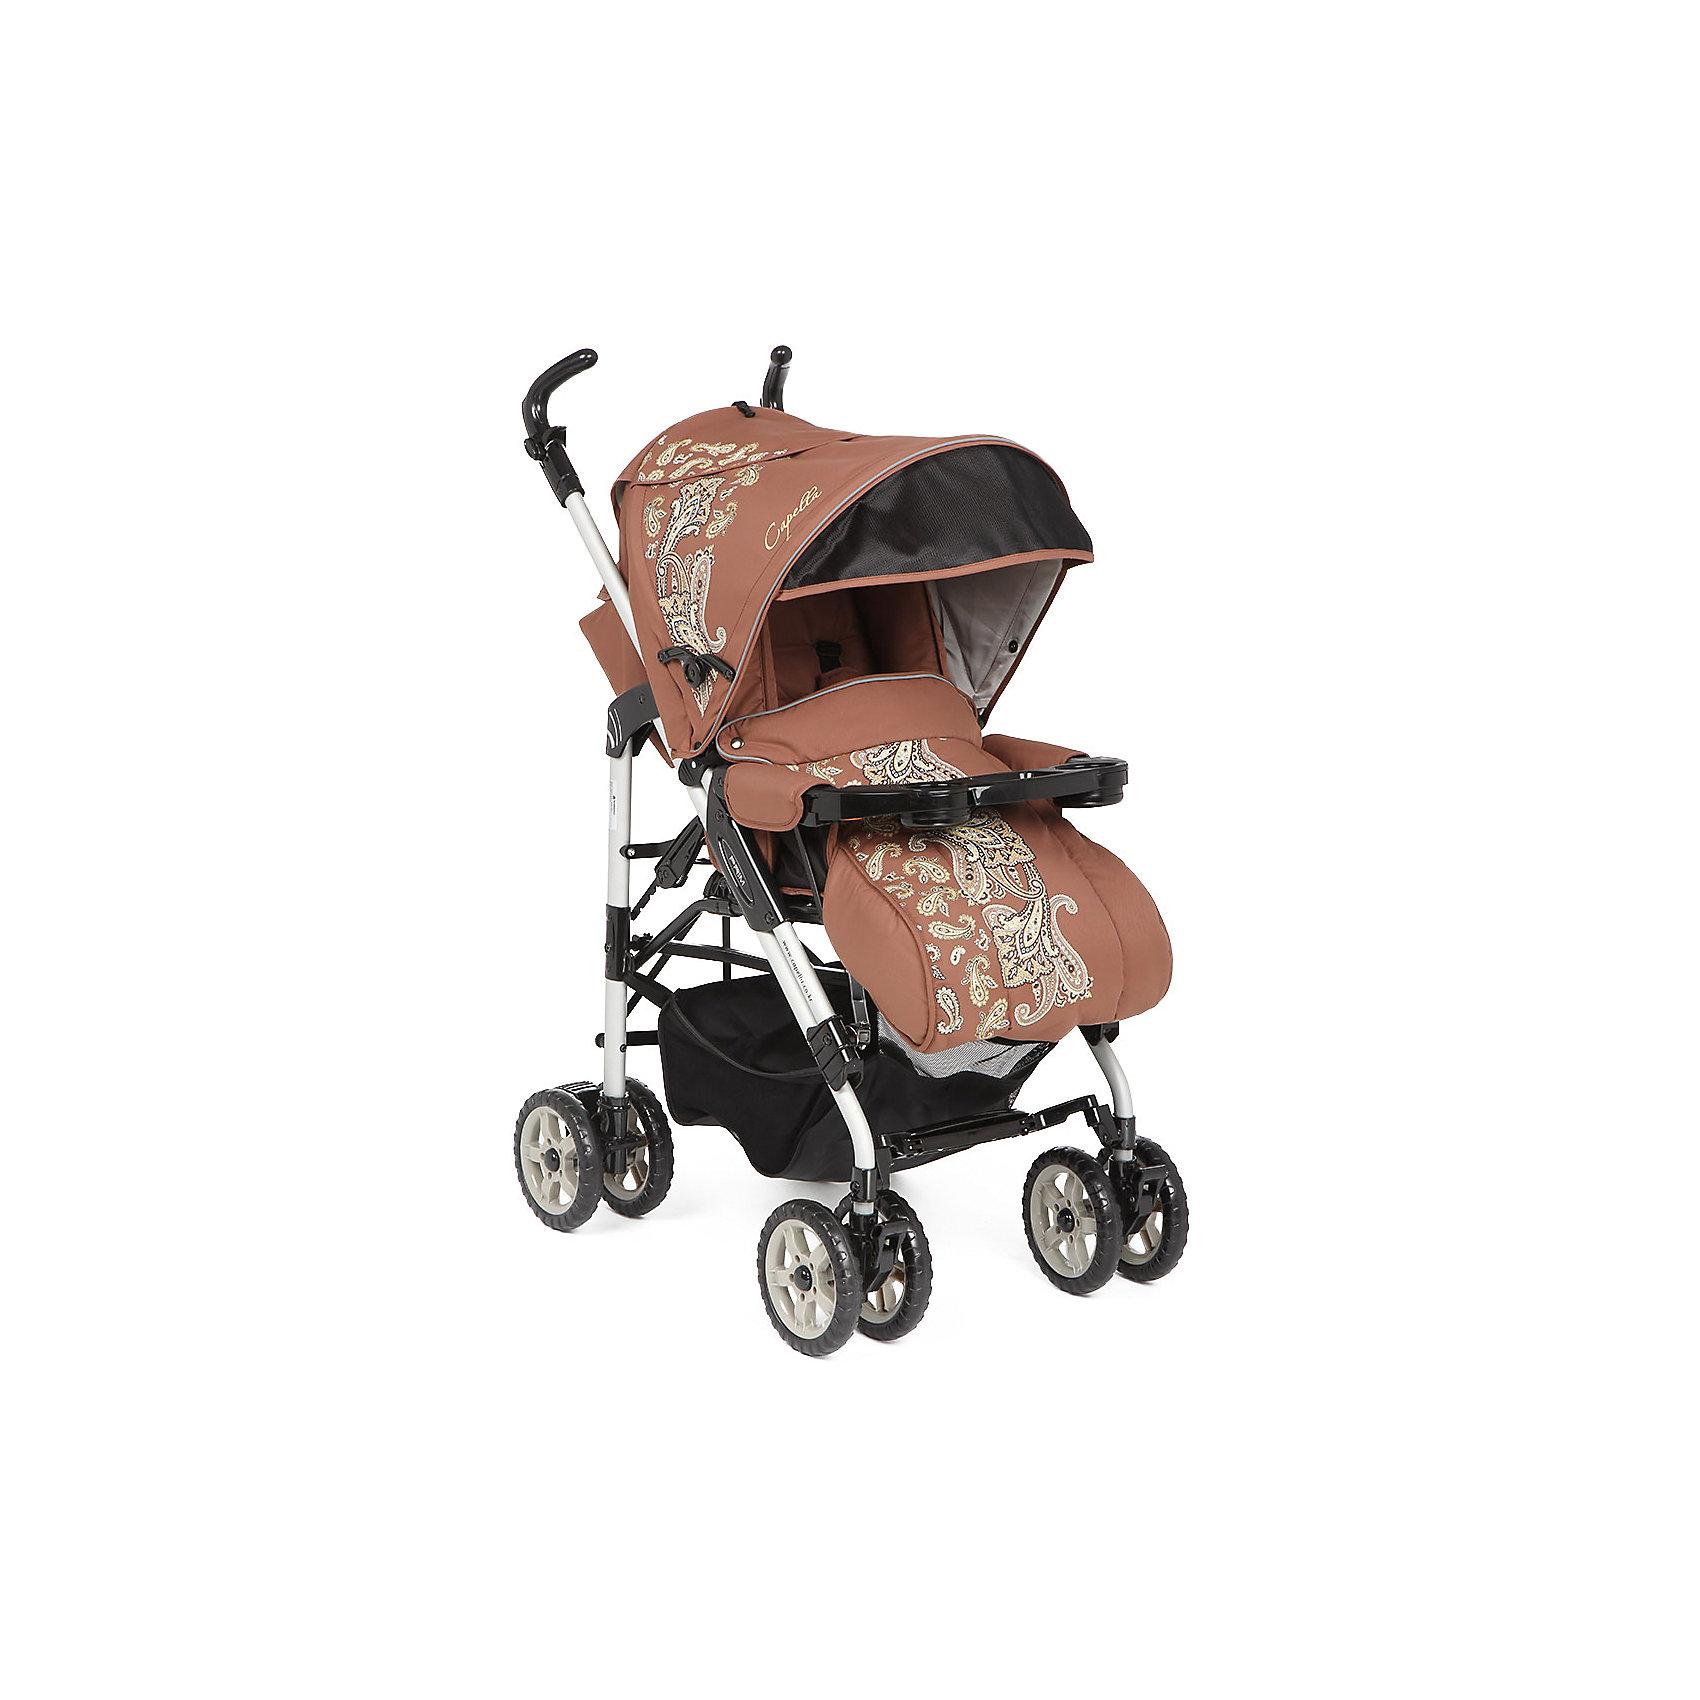 Коляска-трость Capella S-321, коричневыйКоляски-трости<br>Облегченная прогулочная коляска выполнена в современном и удобном дизайне. Прочная и удобная коляска-трость позволит перевозить ребенка, не беспокоясь при этом о его безопасности. Приятный цвет коляски практичен и универсален. За счет продуманной формы колес и амортизации коляска отлично будет ехать как по не ровной дороге, так и по снегу. Коляска легкая и прочная.<br>Конструкция - очень устойчивая. Модель дополнена 5-точечными ремнями безопасности. Изделие произведено из качественных и безопасных для малышей материалов, оно соответствуют всем современным требованиям безопасности.<br><br>Дополнительная информация:<br><br>цвет: коричневый;<br>механизм складывания: трость; <br>возраст ребенка: от 6 месяцев;<br>вес коляски: 10,2 кг;<br>4 двойных колеса;<br>фиксация передних колес;<br>регулировка подножки по высоте;<br>ремни безопасности: пятиточечные;<br>регулировка ручки по высоте<br>дождевик;<br>москитная сетка;<br>раскладывается на 180 градусов;<br>положение лежа;<br>мягкая подвеска;<br>материал: пластик, металл, текстиль.<br><br>Прогулочную коляску S-321, коричневый от компании Capella можно купить в нашем магазине.<br><br>Ширина мм: 1000<br>Глубина мм: 530<br>Высота мм: 730<br>Вес г: 10000<br>Возраст от месяцев: 6<br>Возраст до месяцев: 36<br>Пол: Унисекс<br>Возраст: Детский<br>SKU: 4778516